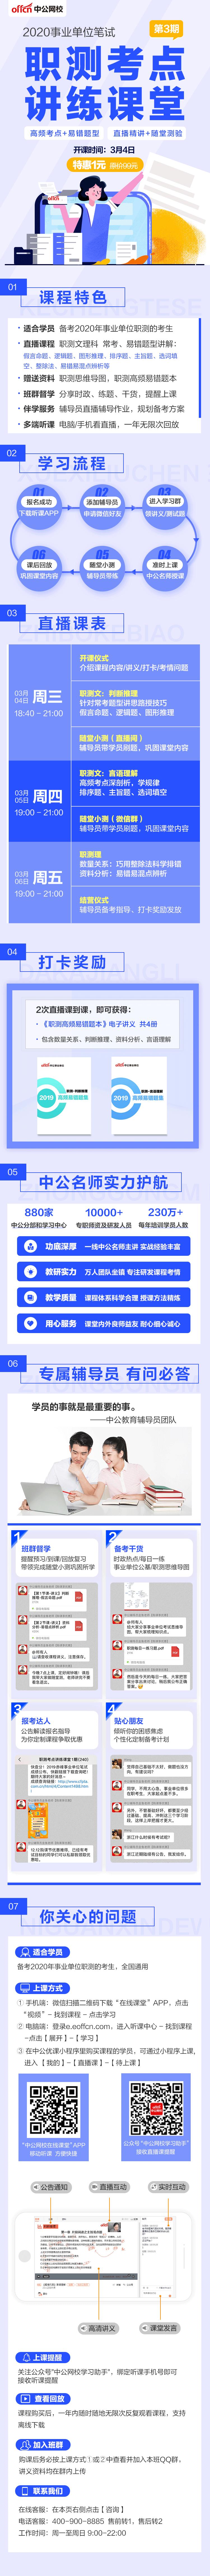 【通用版】职测讲练课堂详情页.png